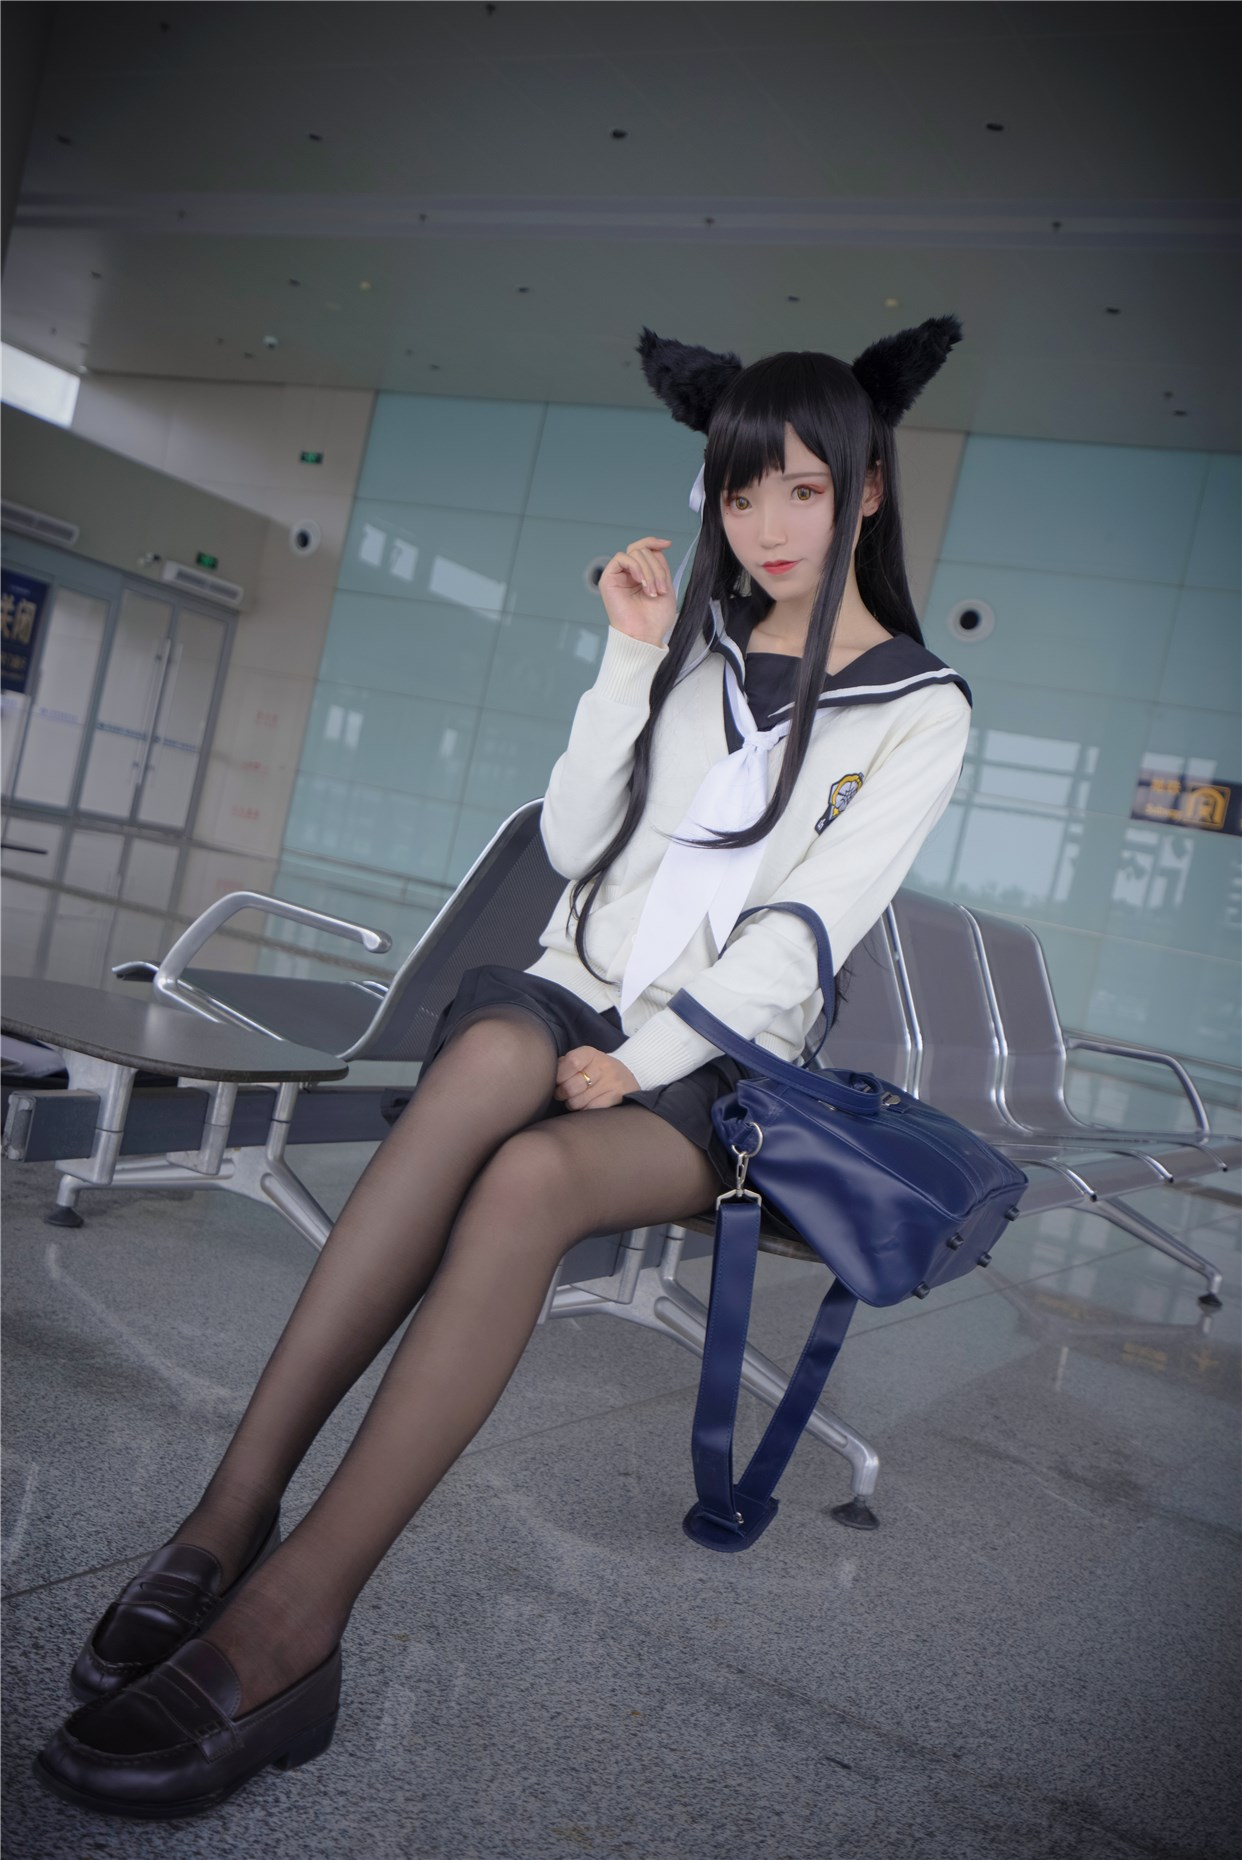 【兔玩映画】大长腿姐姐的cos 兔玩映画 第14张